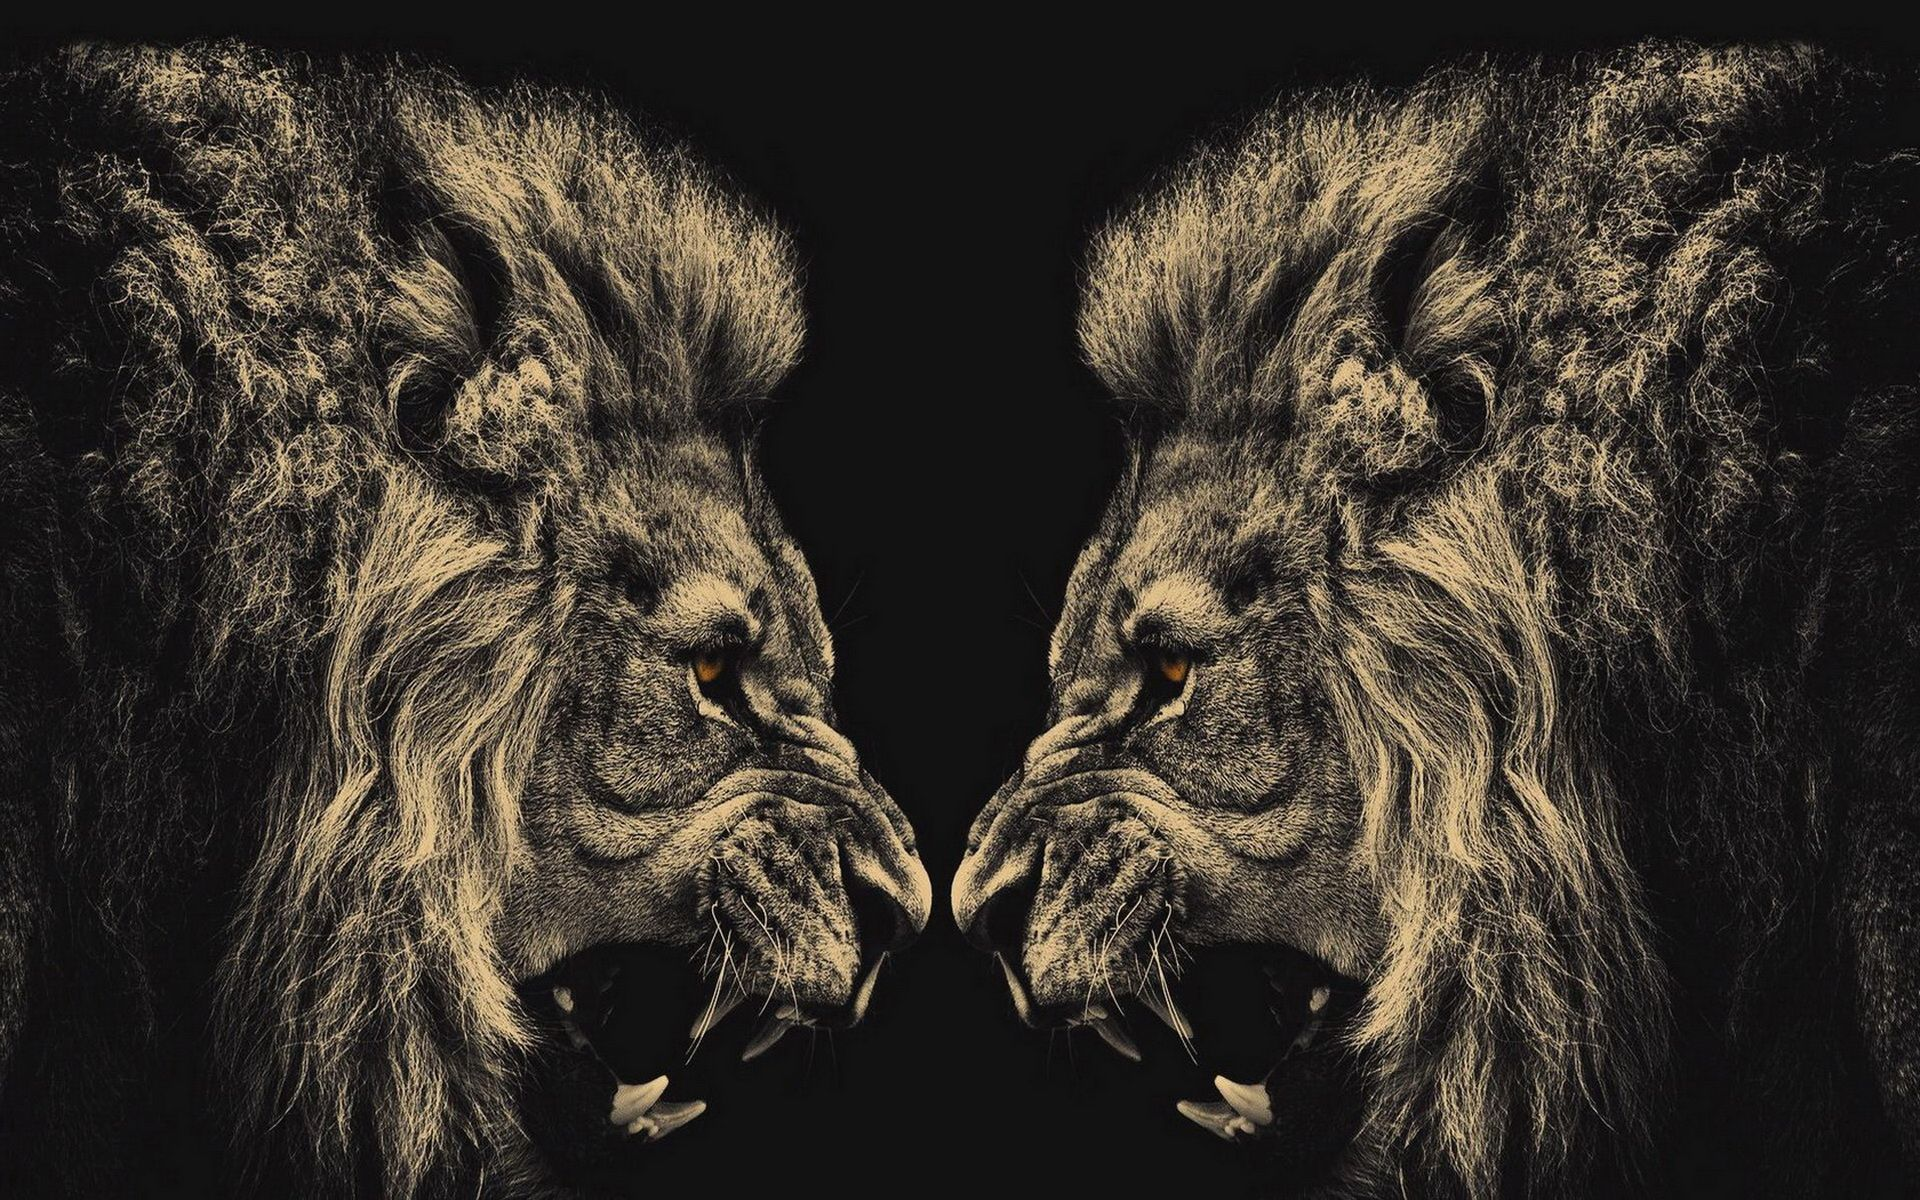 lion wallpaper Google Search Fond d'écran lion, Images